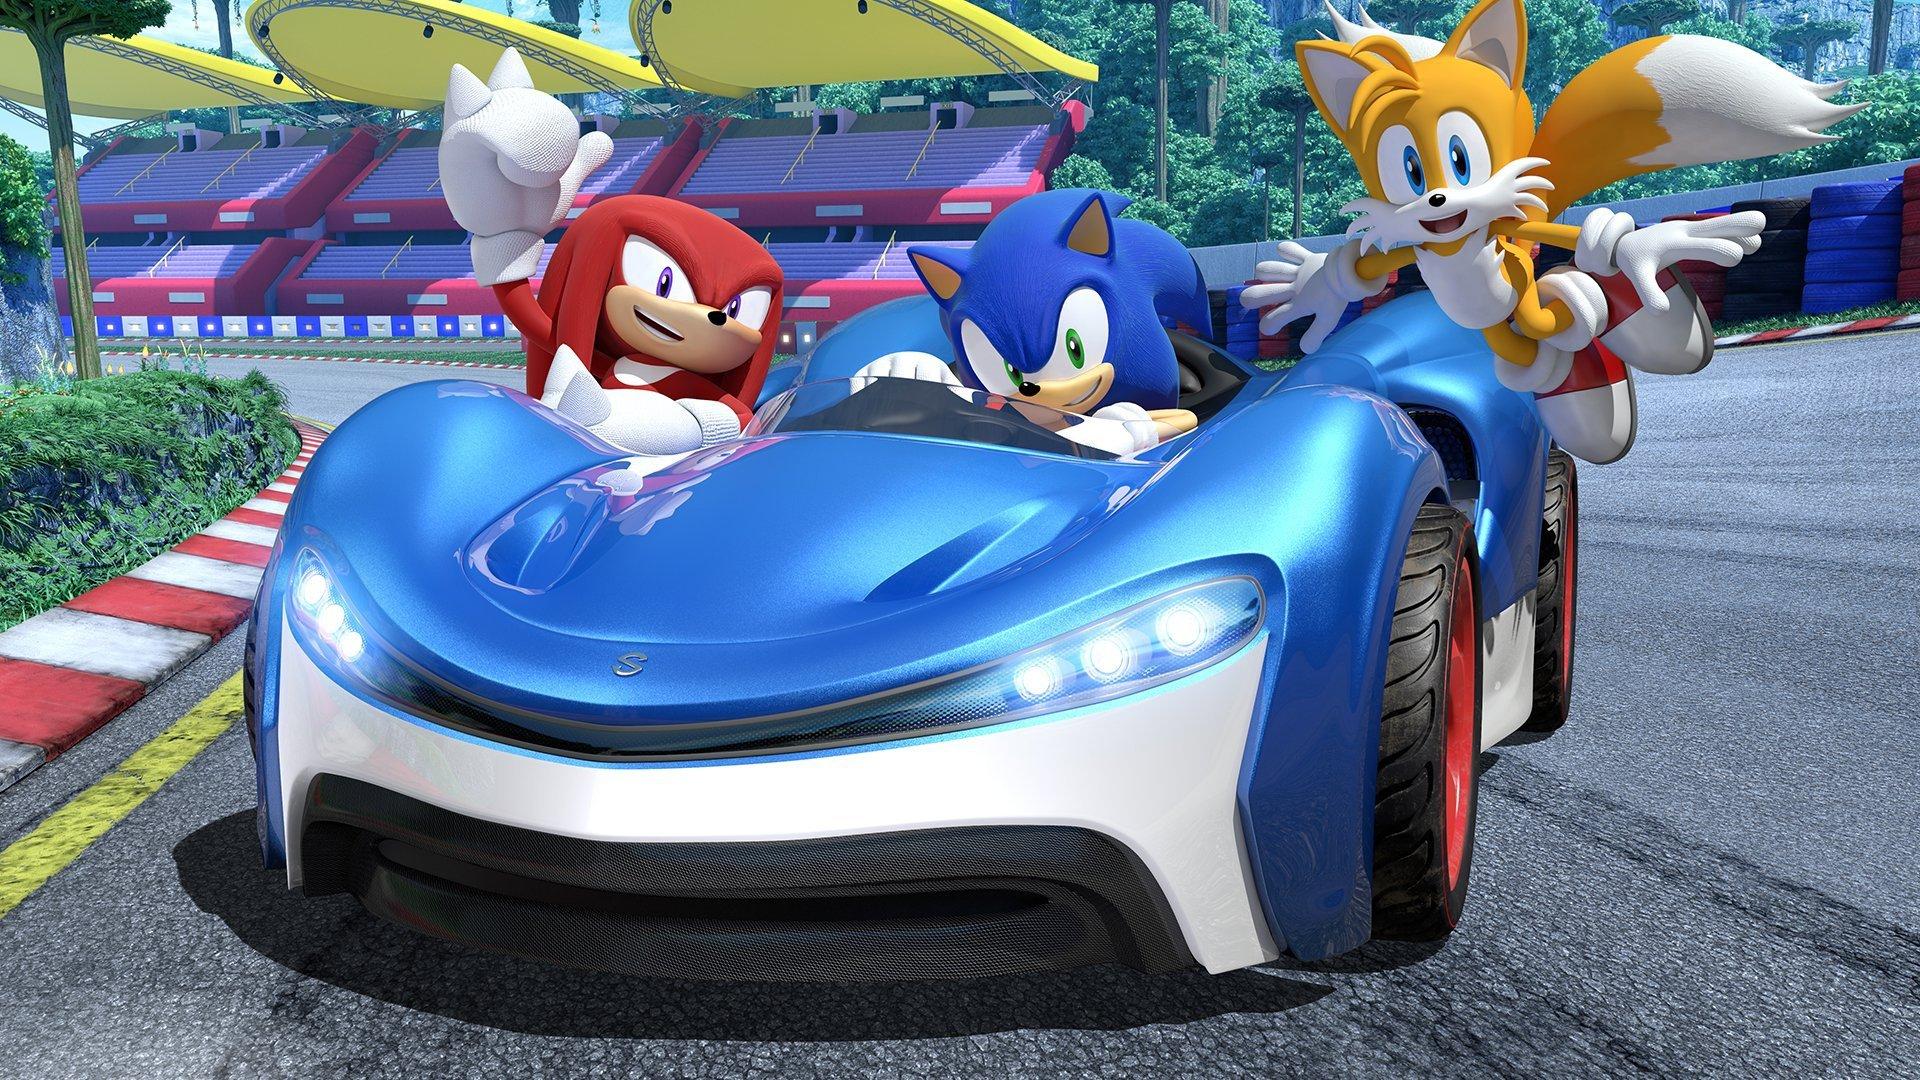 À quoi servent les crédits dans Team Sonic Racing